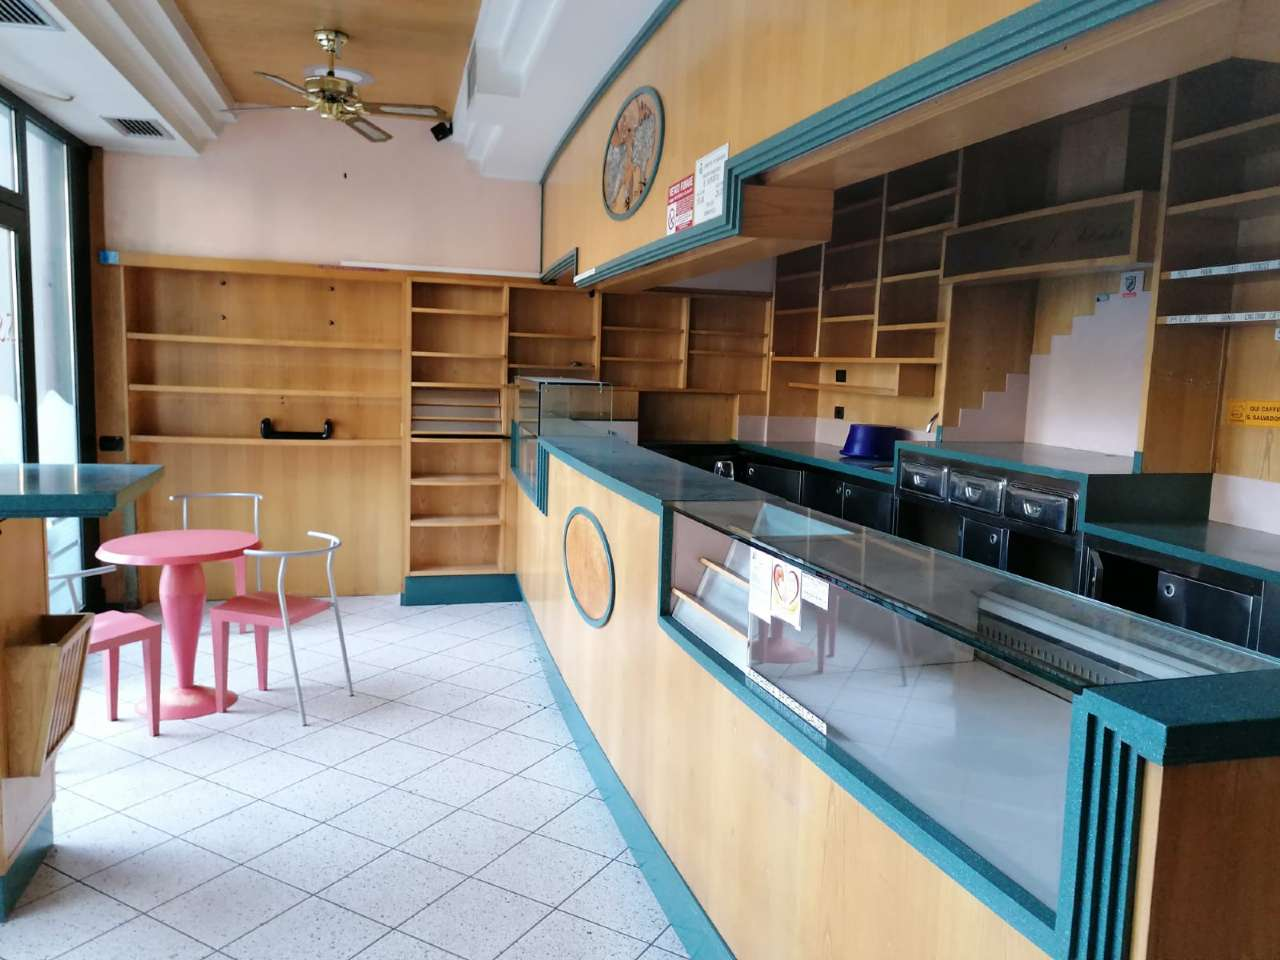 Negozio / Locale in affitto a Sondrio, 1 locali, Trattative riservate | PortaleAgenzieImmobiliari.it